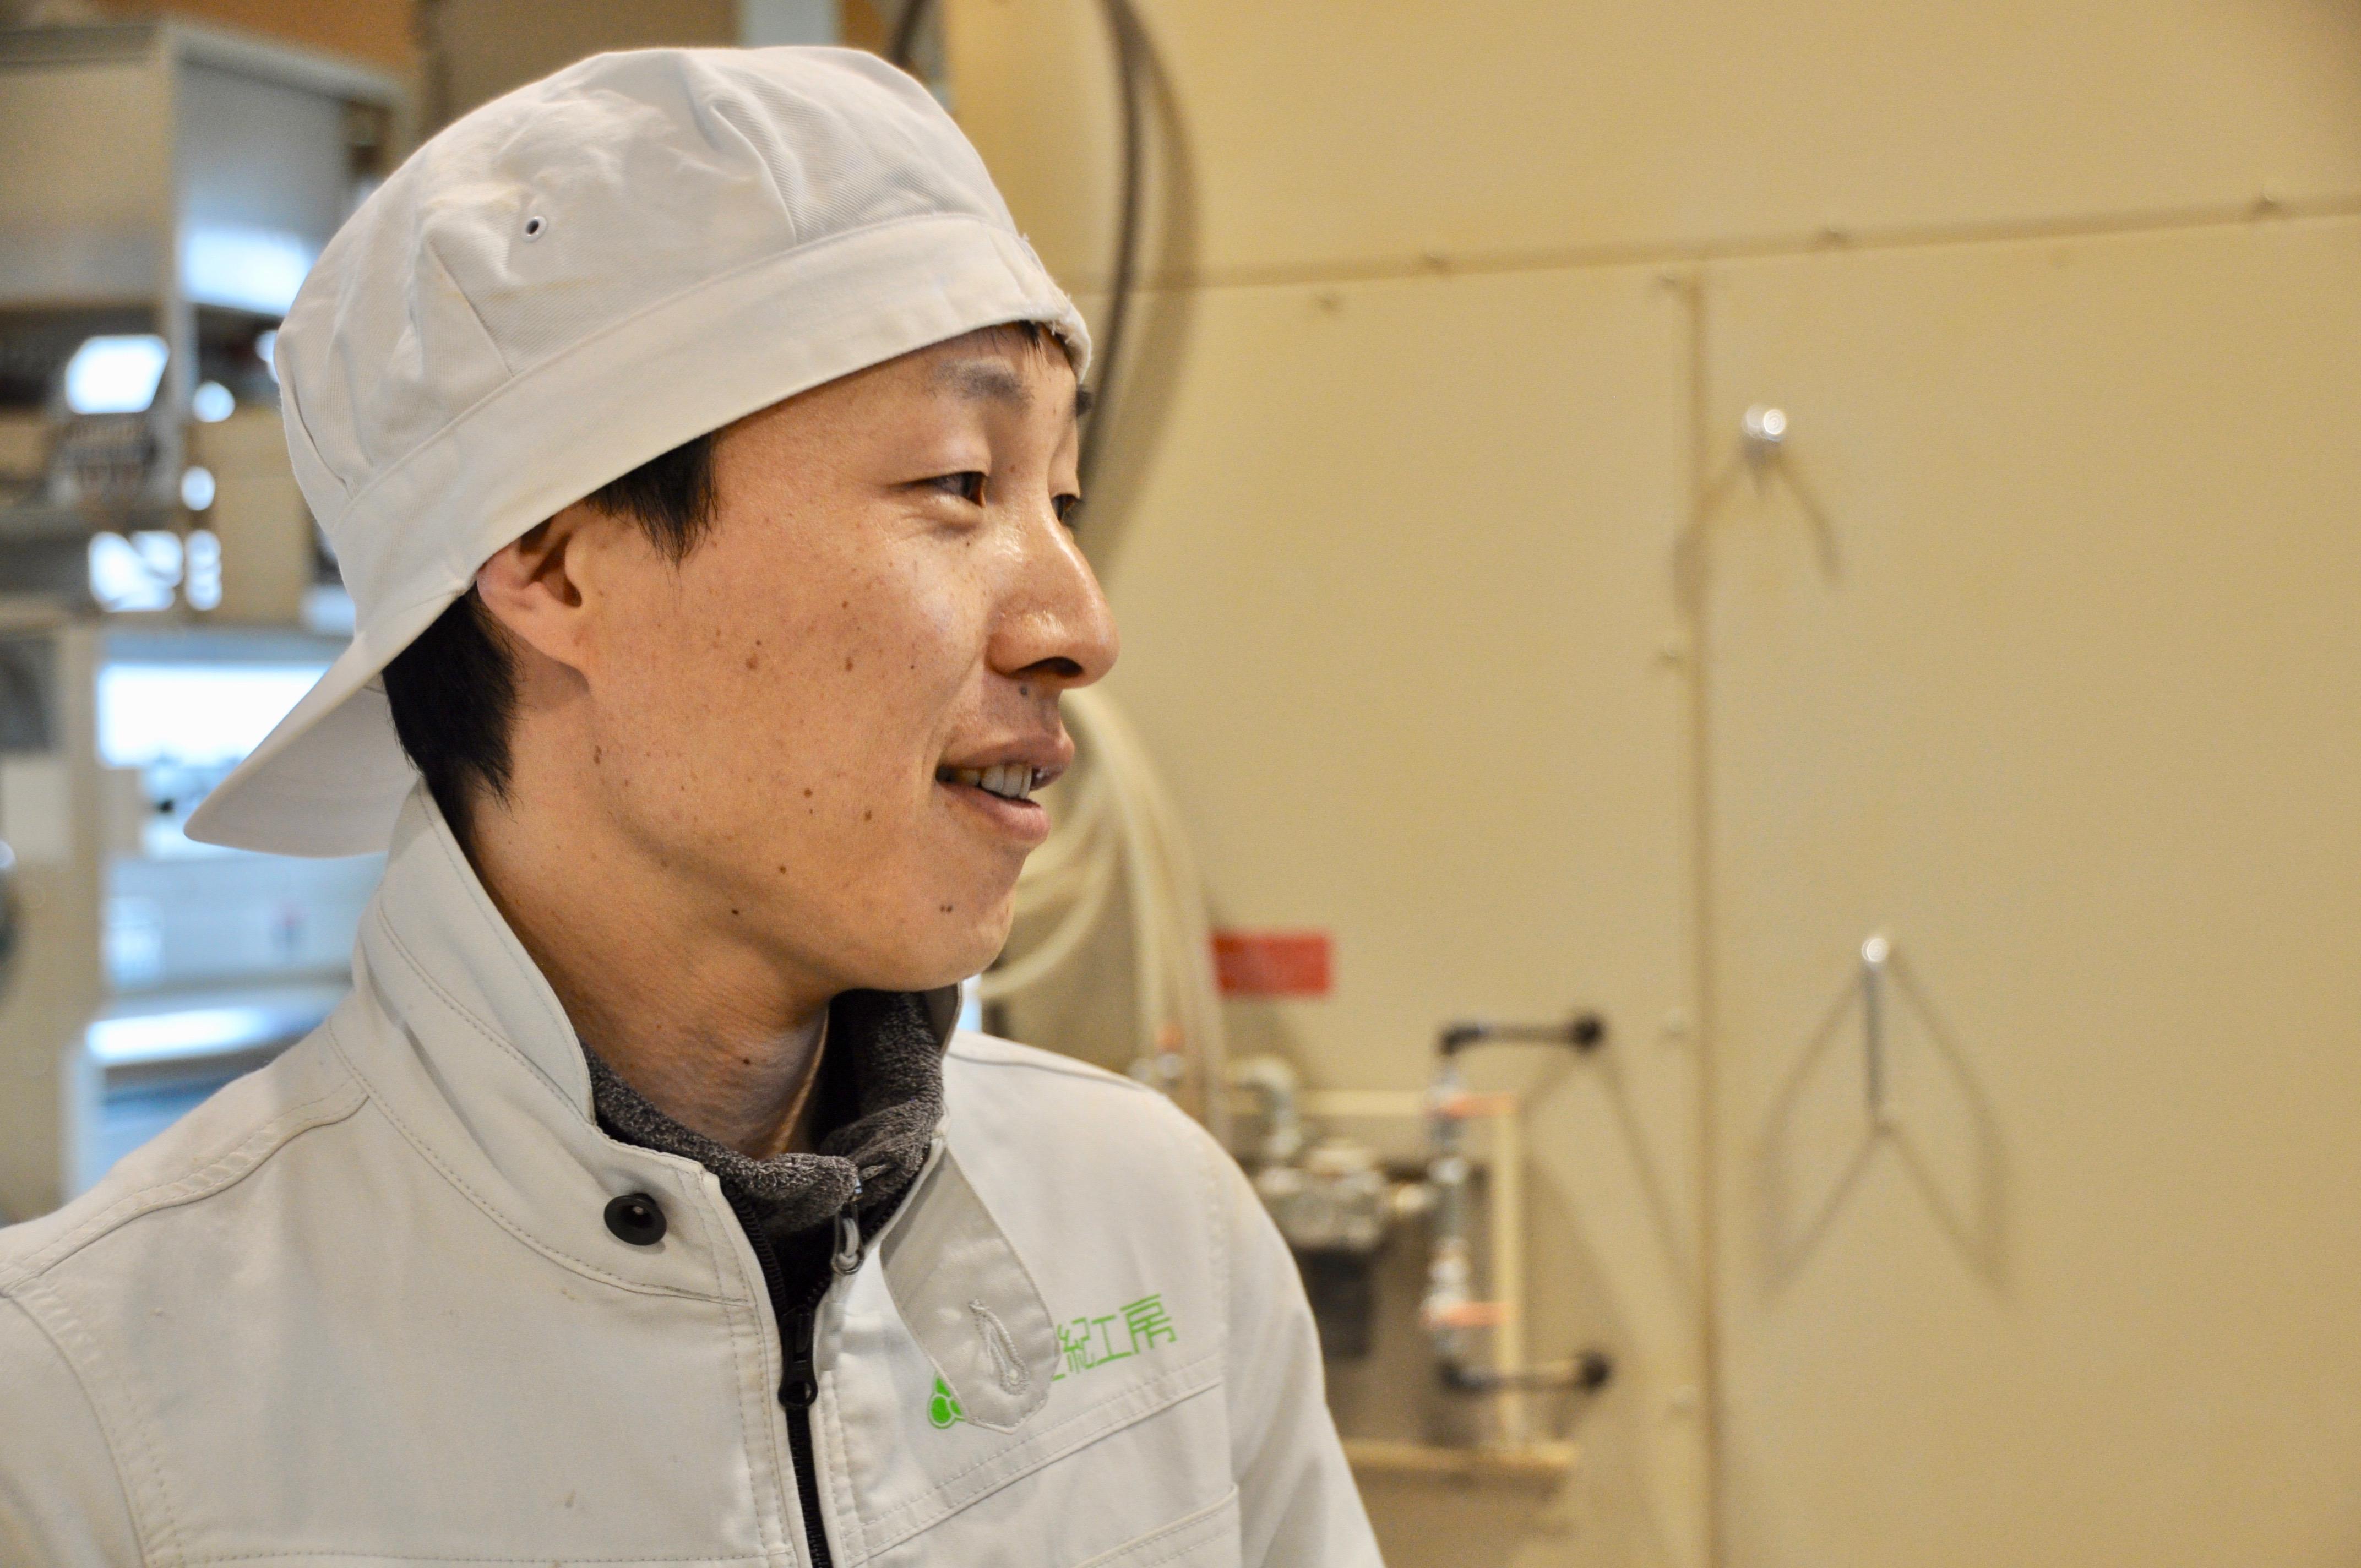 今年もお茶の季節が到来!お茶の価値観が変わる体験、岐阜県東白川村に行ってきた - DSC 1207